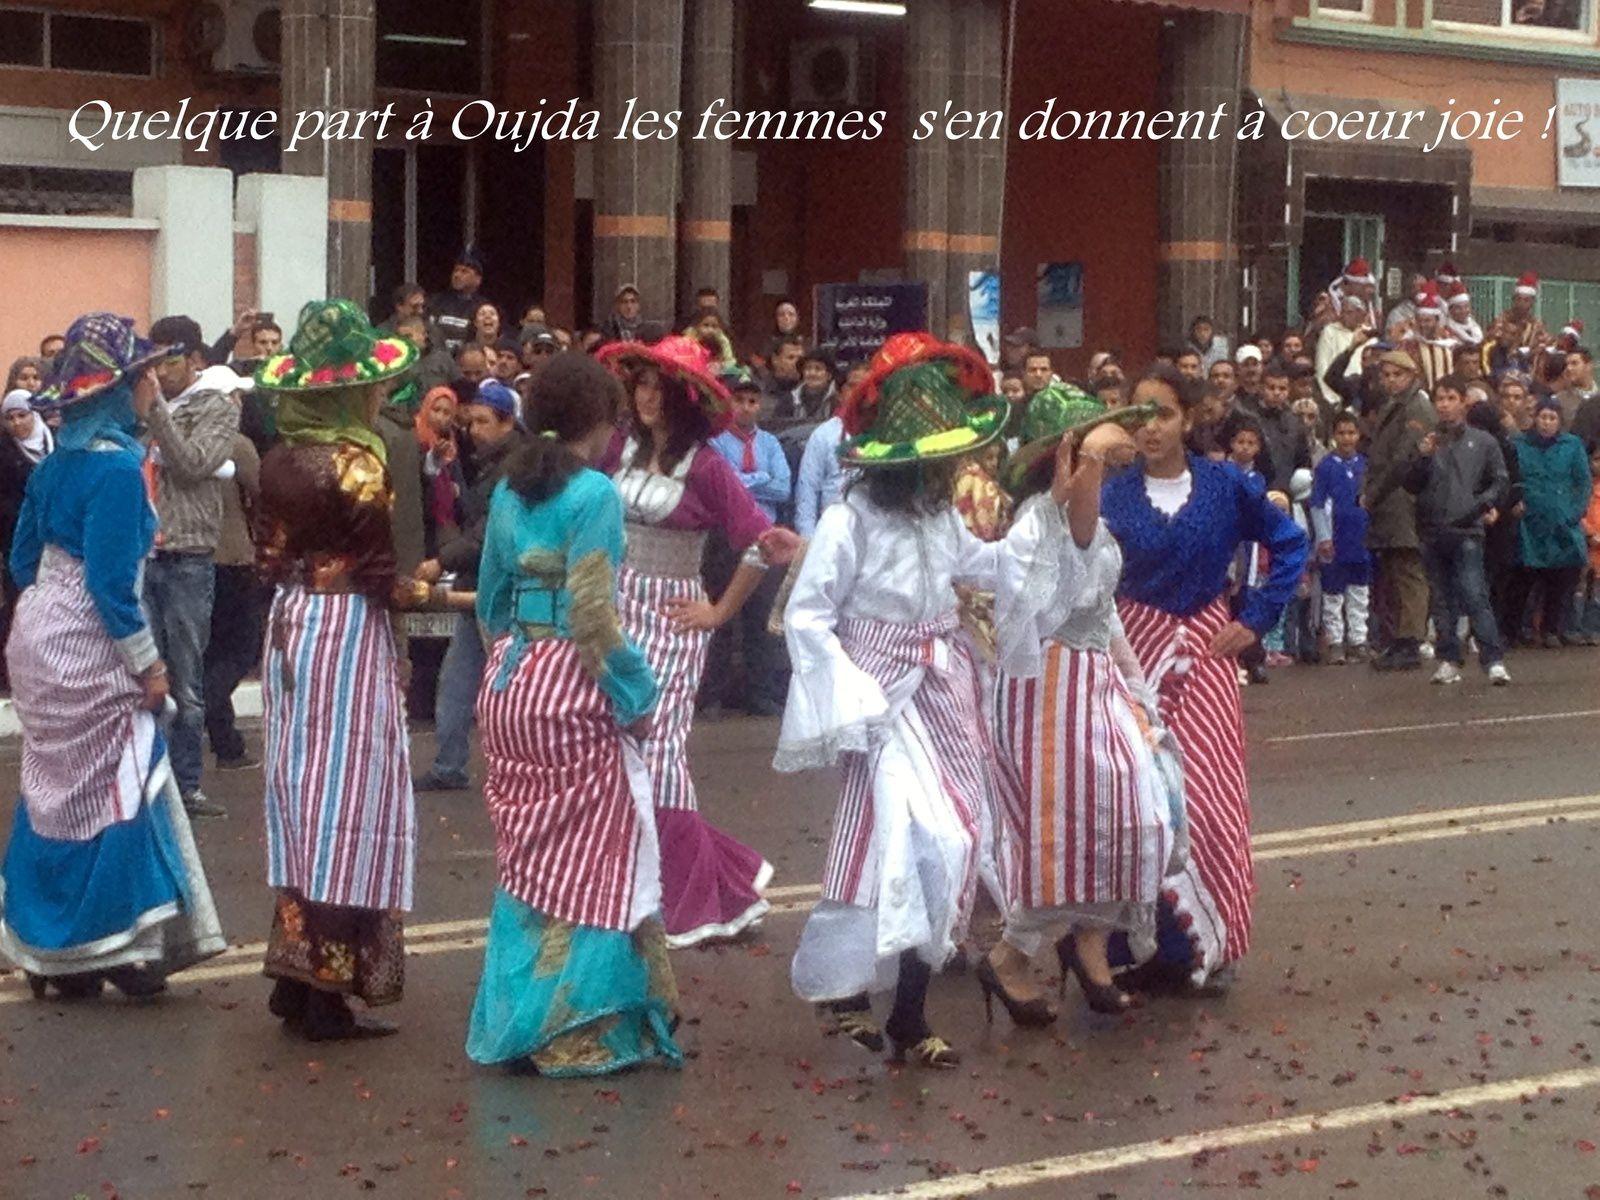 Danse Collective des femmes à Oujda